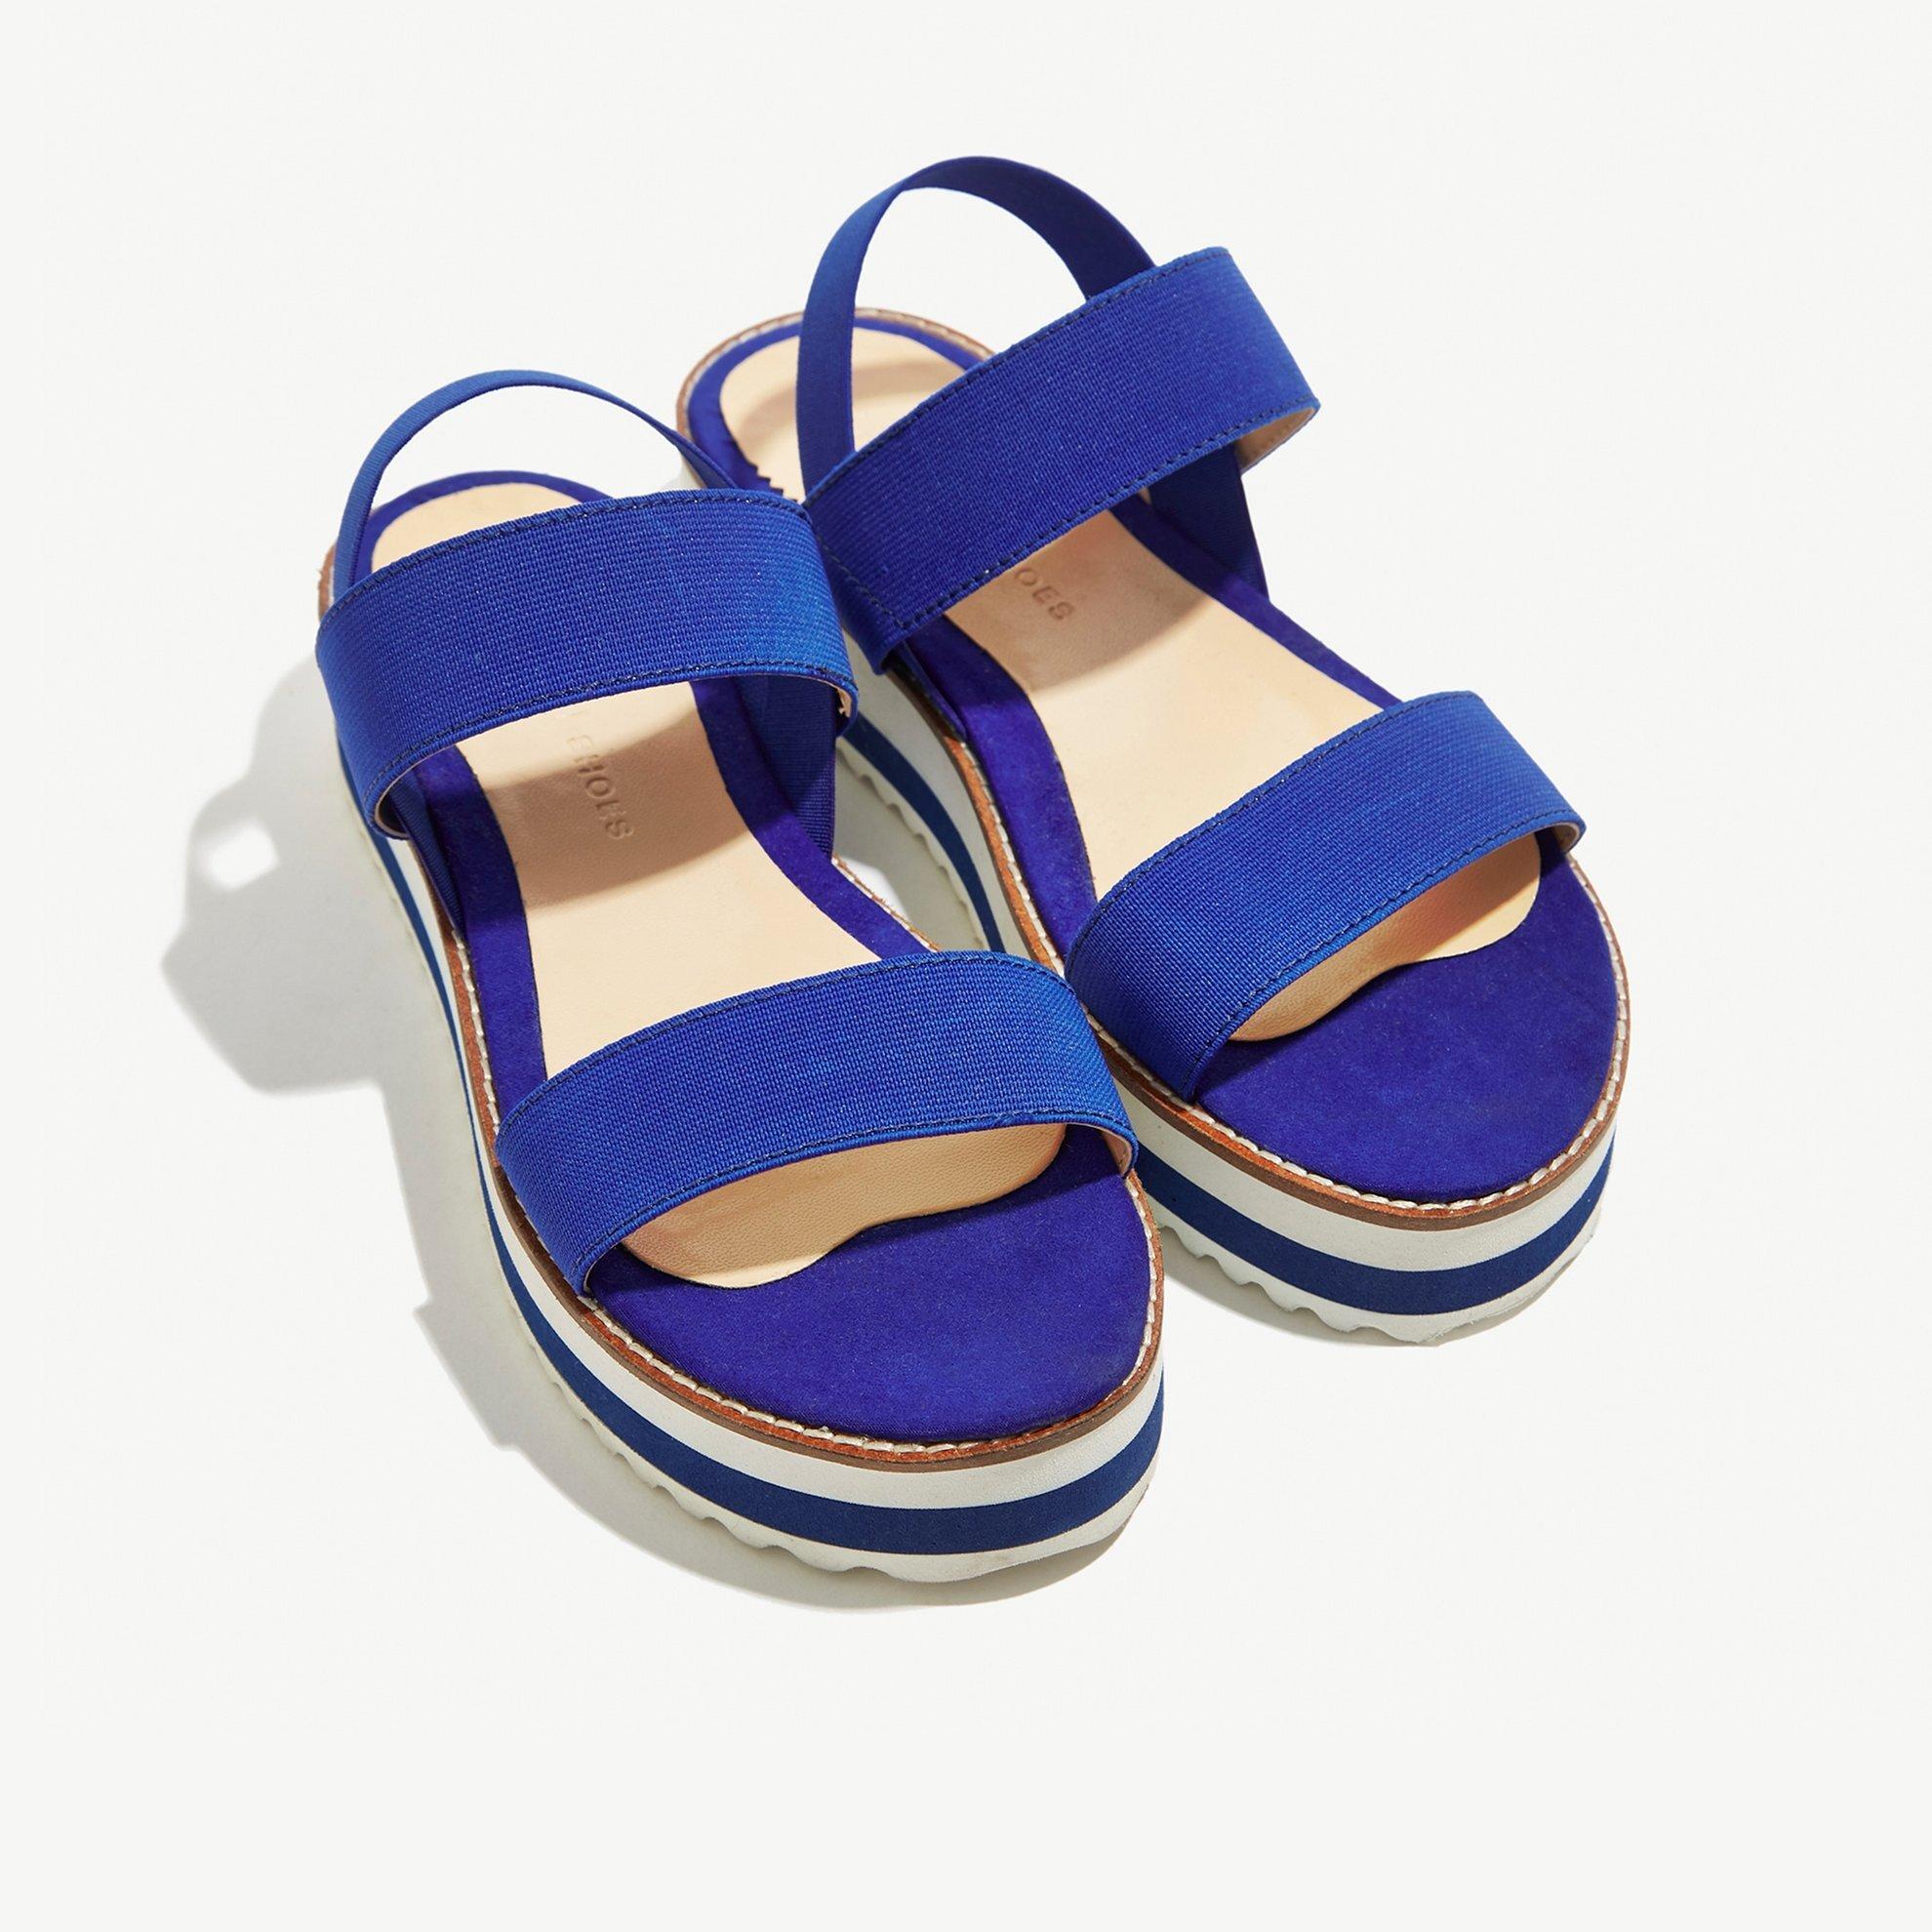 resm Lastik Bantlı Sandalet